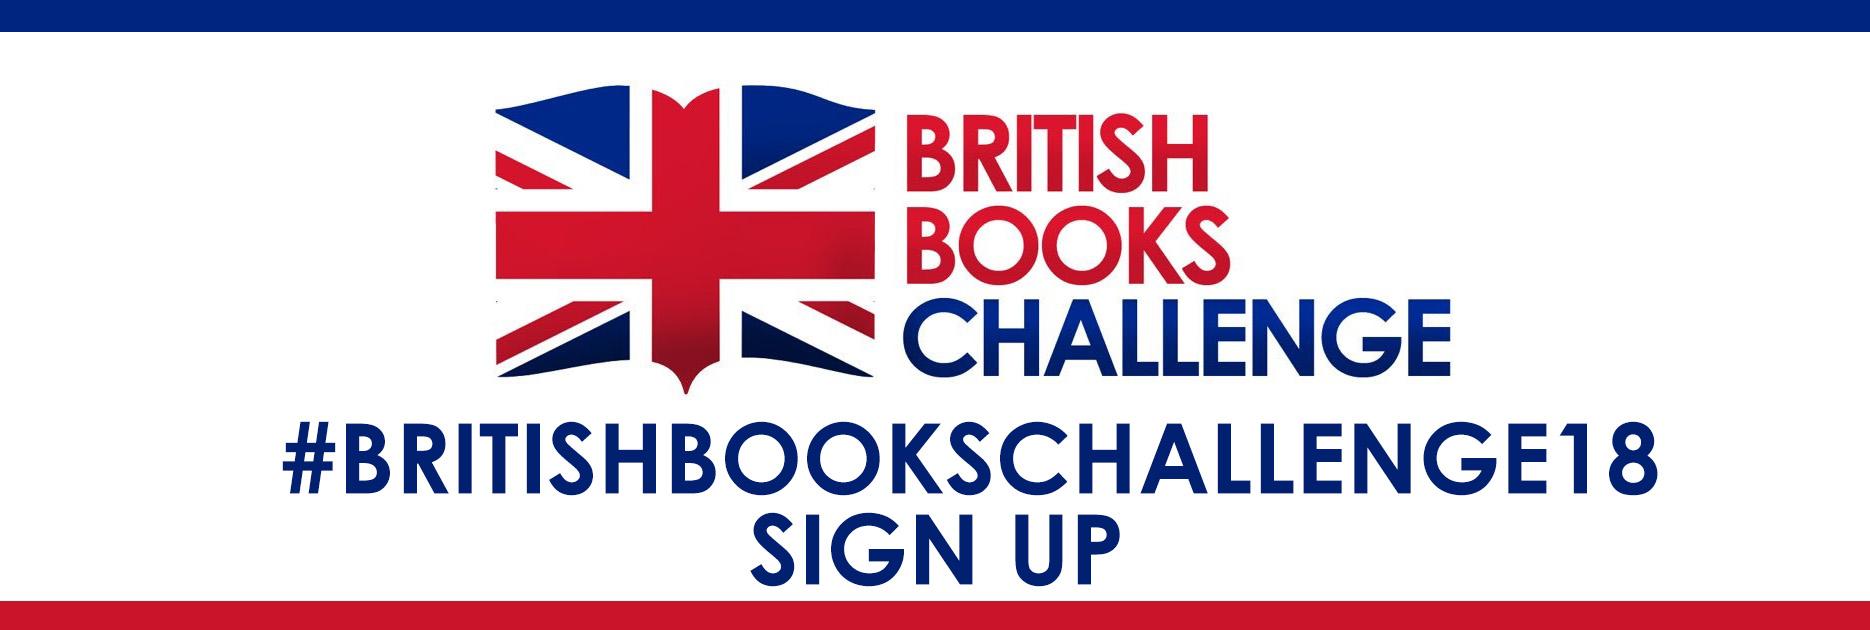 #BritishBooksChallenge18